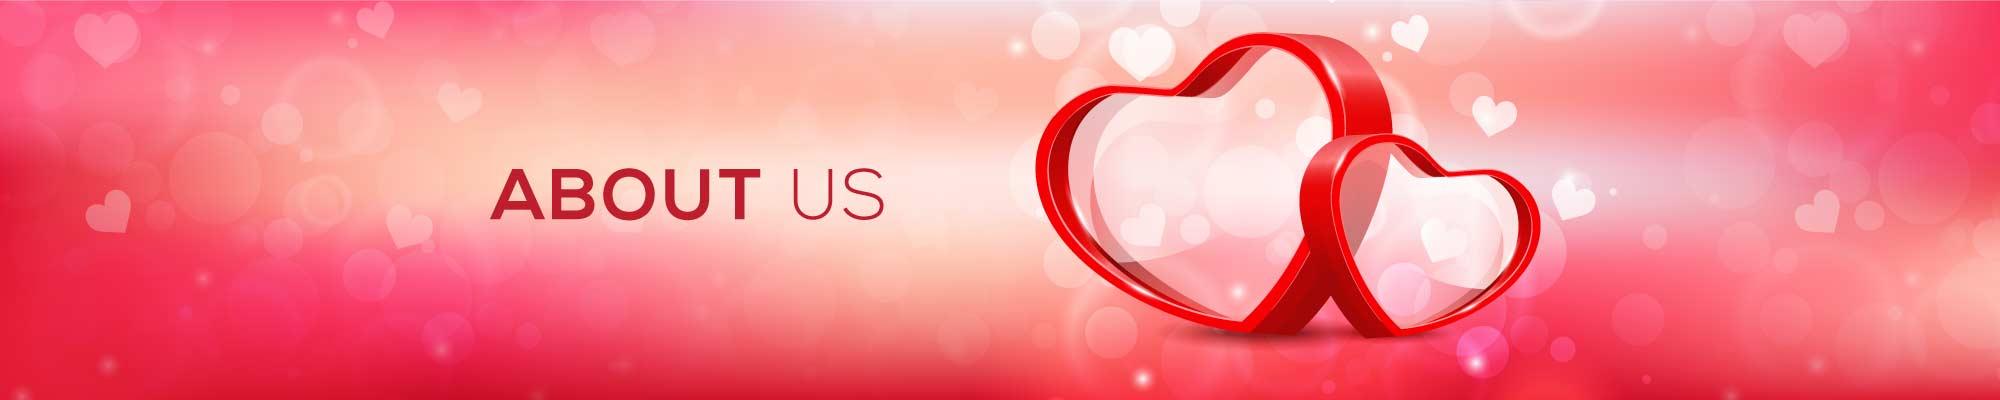 About Us Schriftzug und 2 Herzen